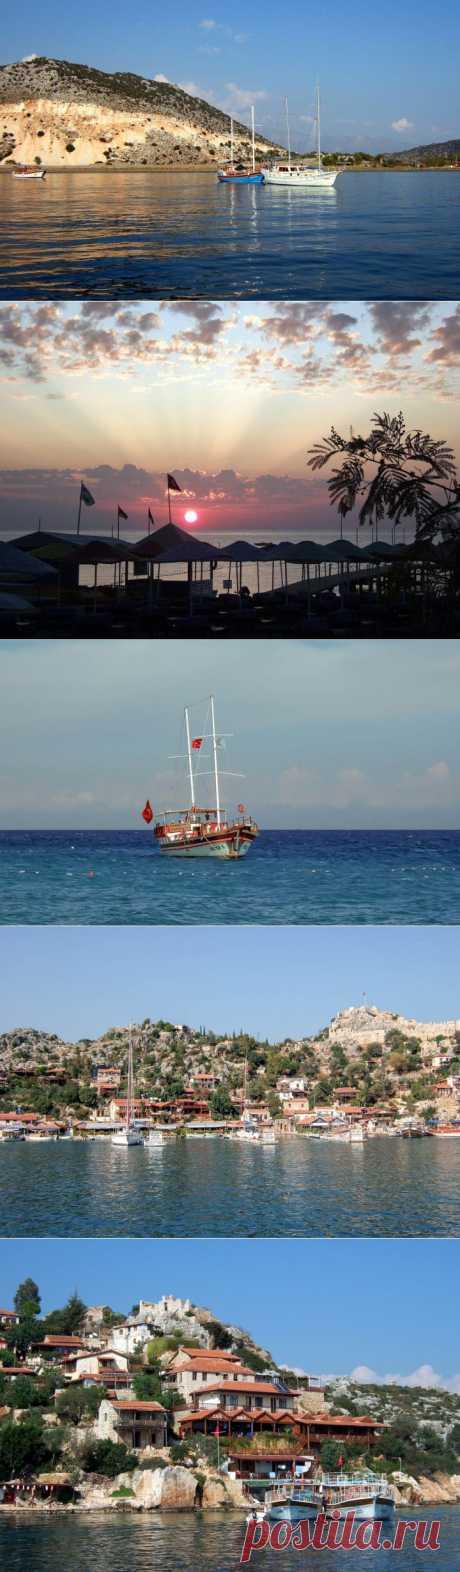 Манящее Средиземноморье...